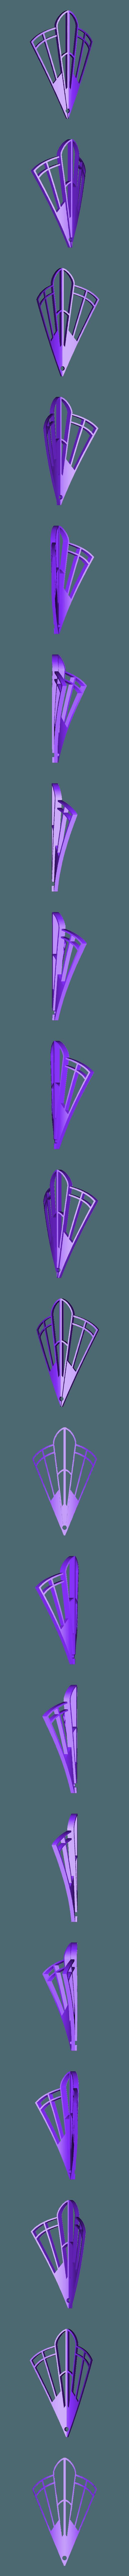 pendiente 1 Décoeur nº1-2.stl Download free STL file bijoux decoeur nº1 • 3D printable model, ArtViche